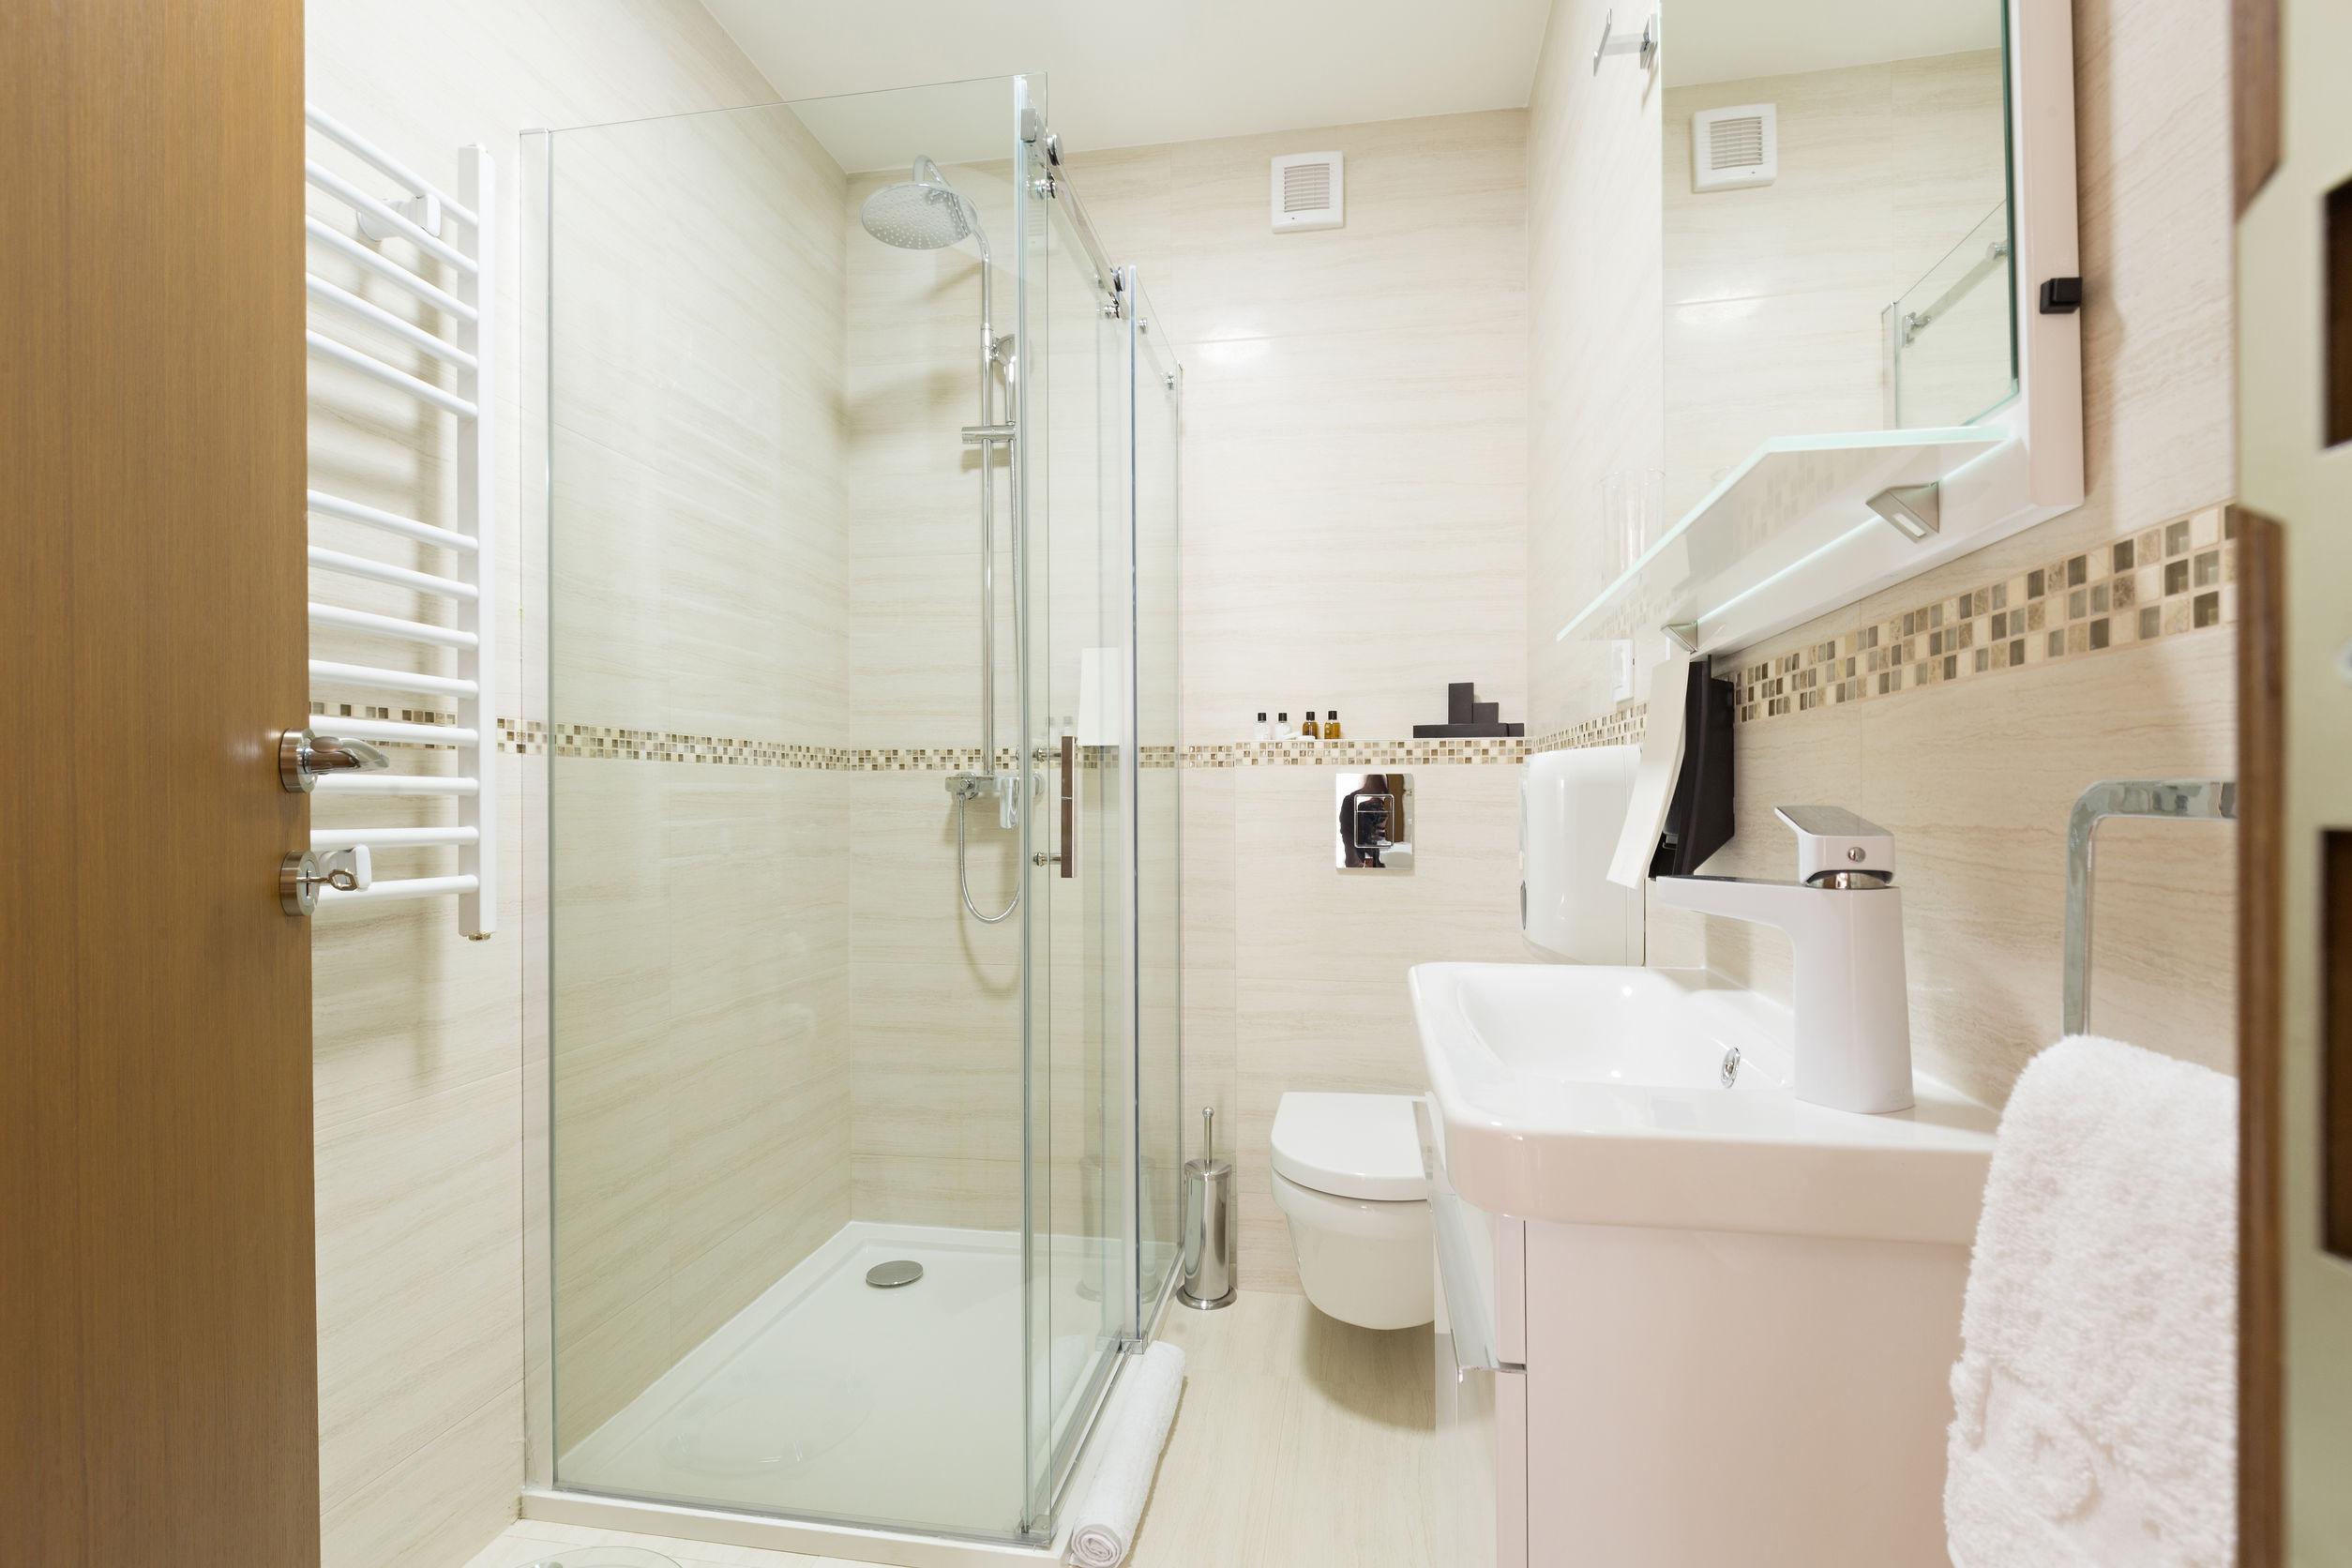 Vasca Da Bagno Rovinata Cosa Fare : Sovrapposizione vasca da bagno novara trasformazione vasca in